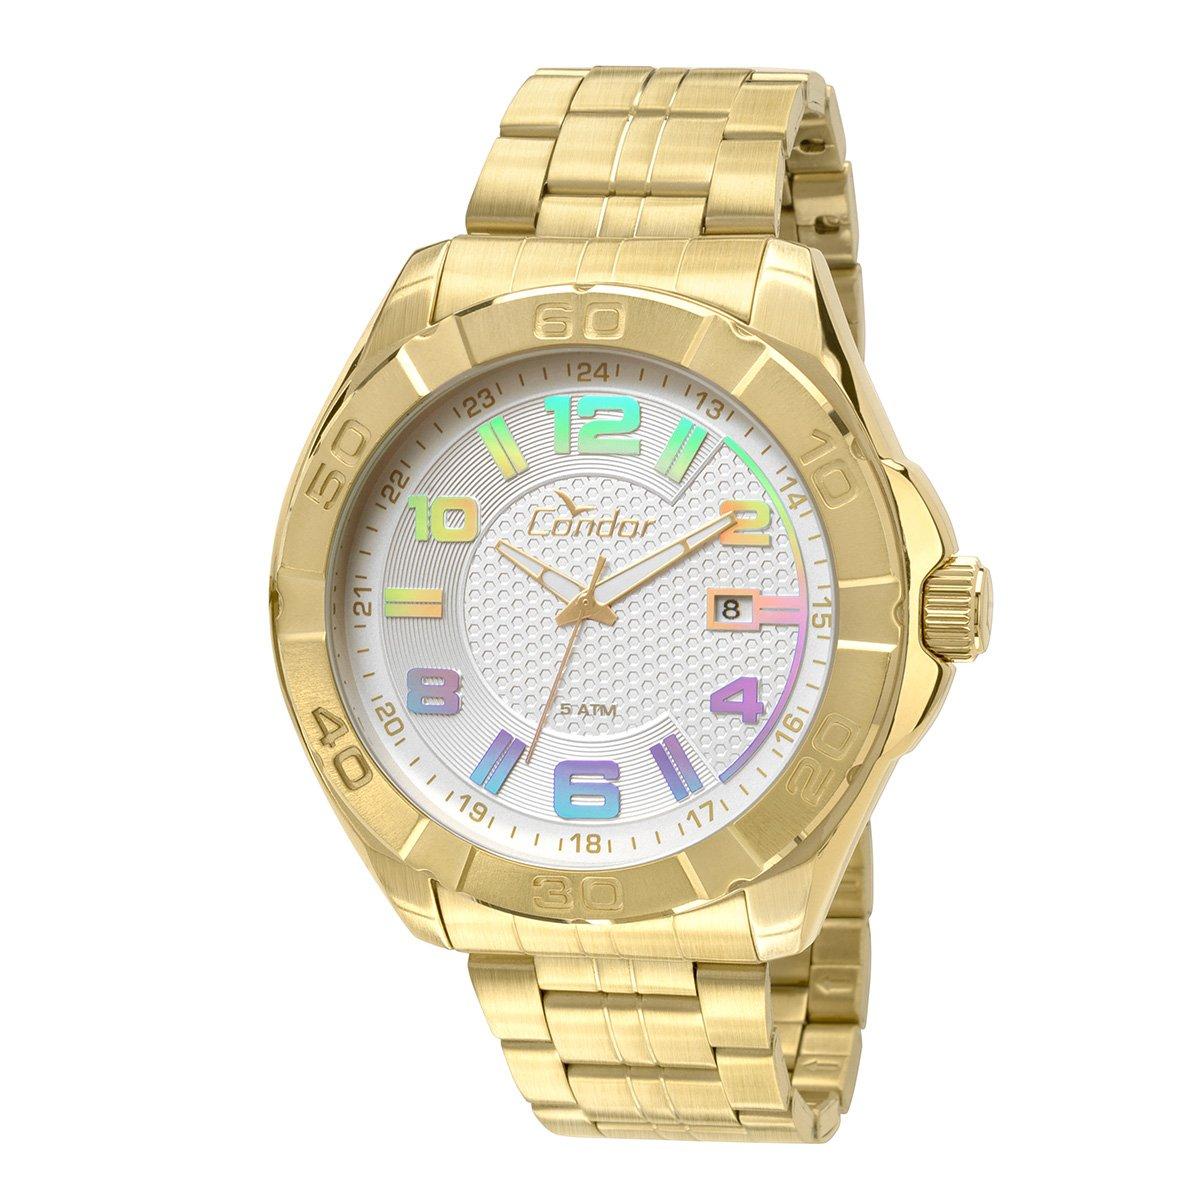 7c2669a30b5 Relógio Condor Masculino CO2415BA 4K - Compre Agora